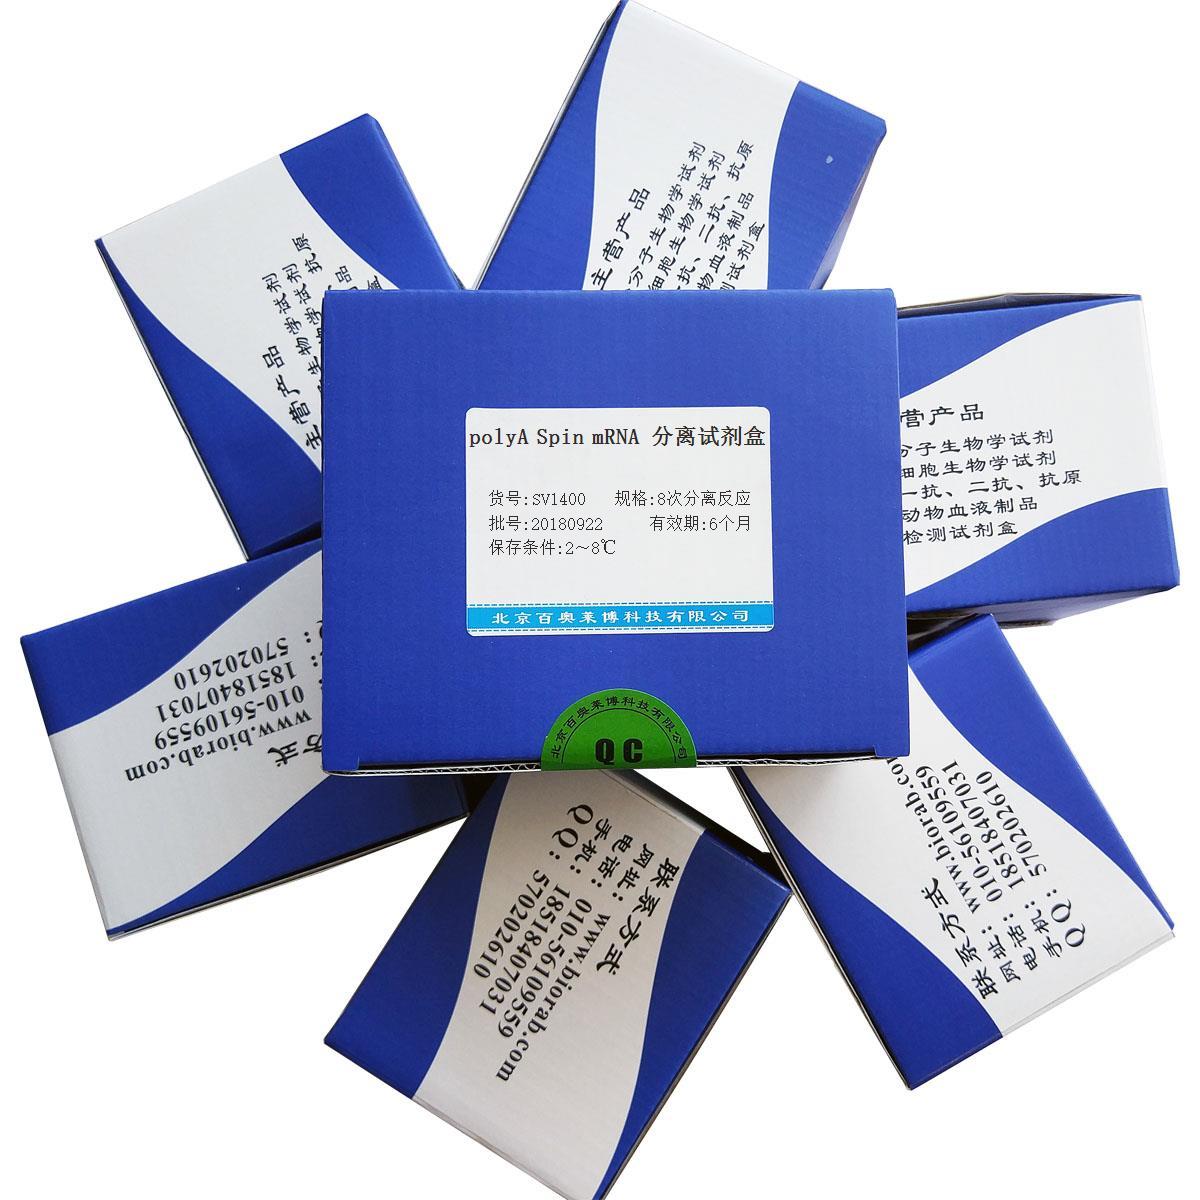 polyA Spin mRNA 分离试剂盒